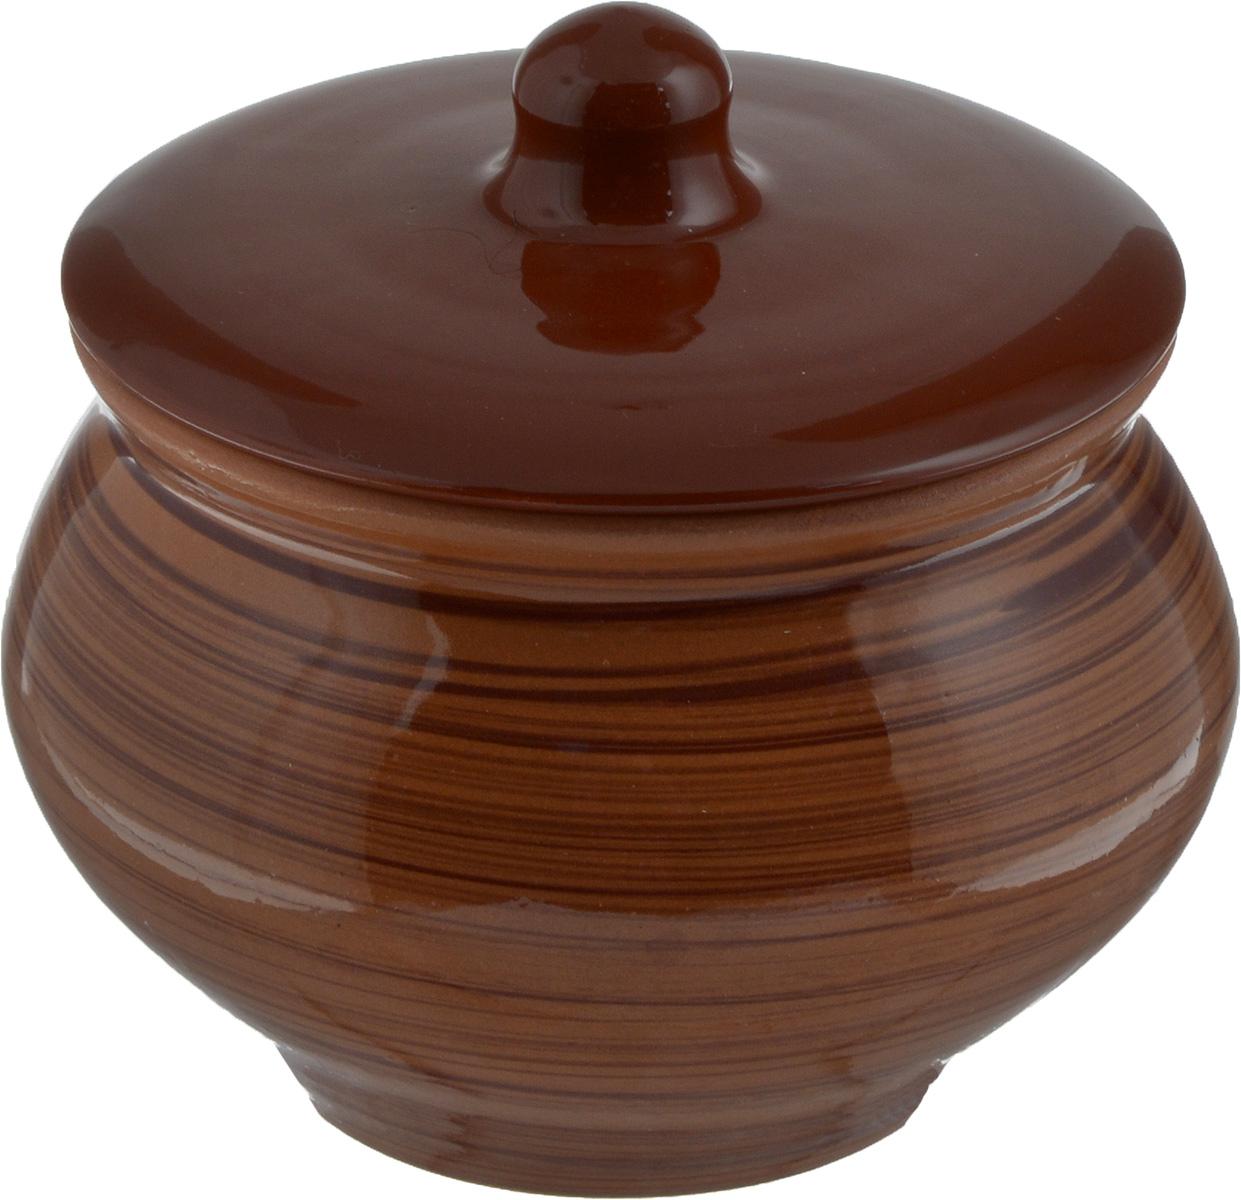 цена на Горшок для запекания Борисовская керамика